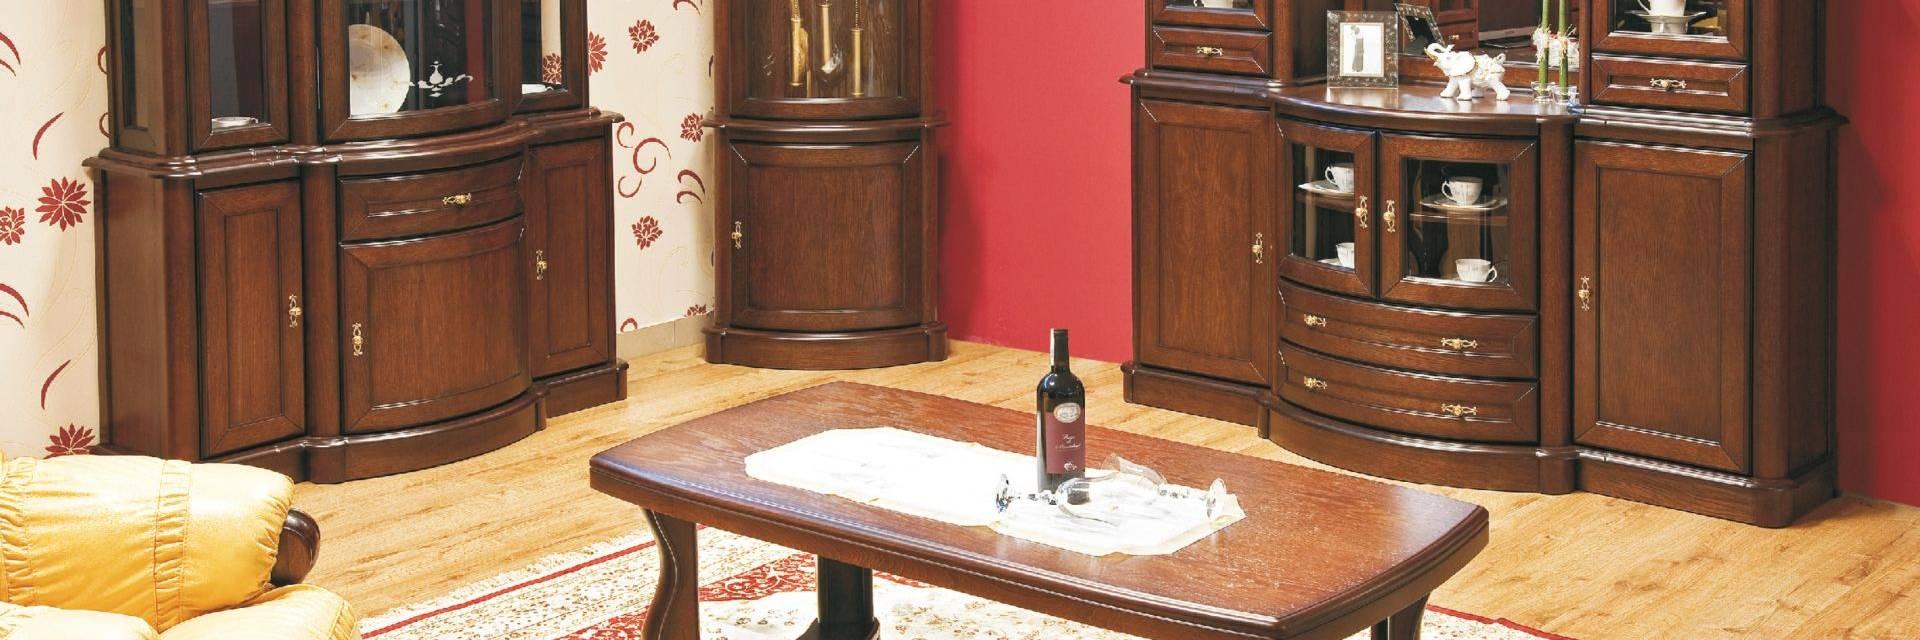 Kolekcja Mebli do Salonu Diana z Naturalnego Dębu